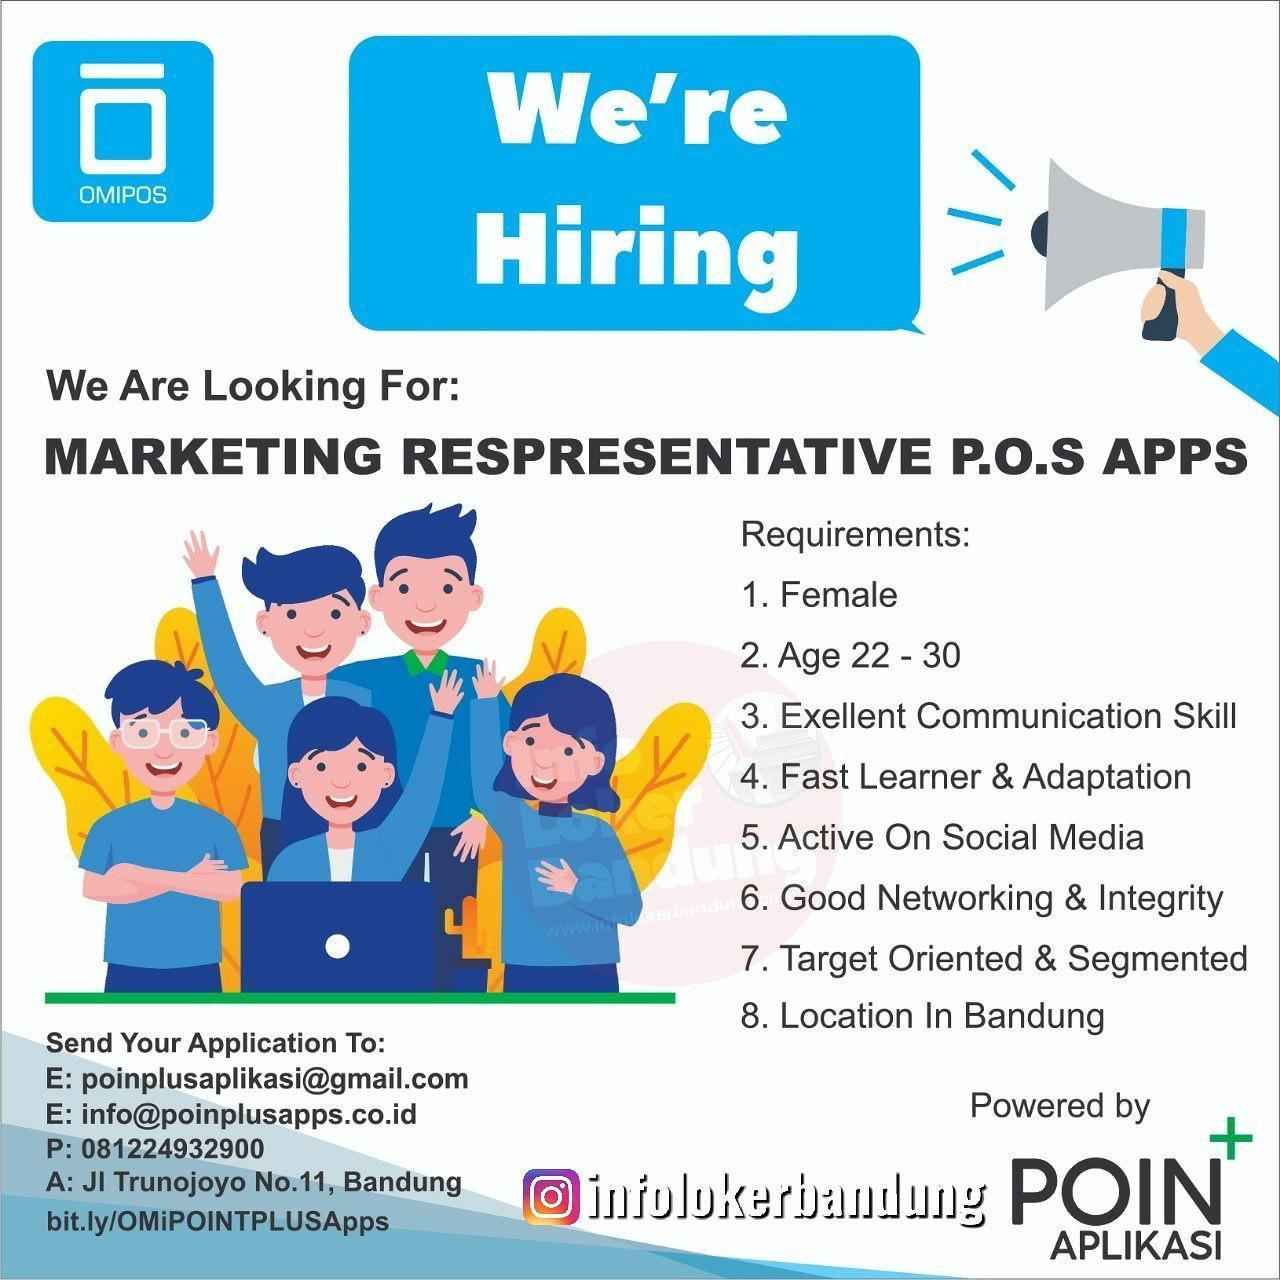 Lowongan Kerja Poin Plus Aplikasi Bandung Agustus 2019